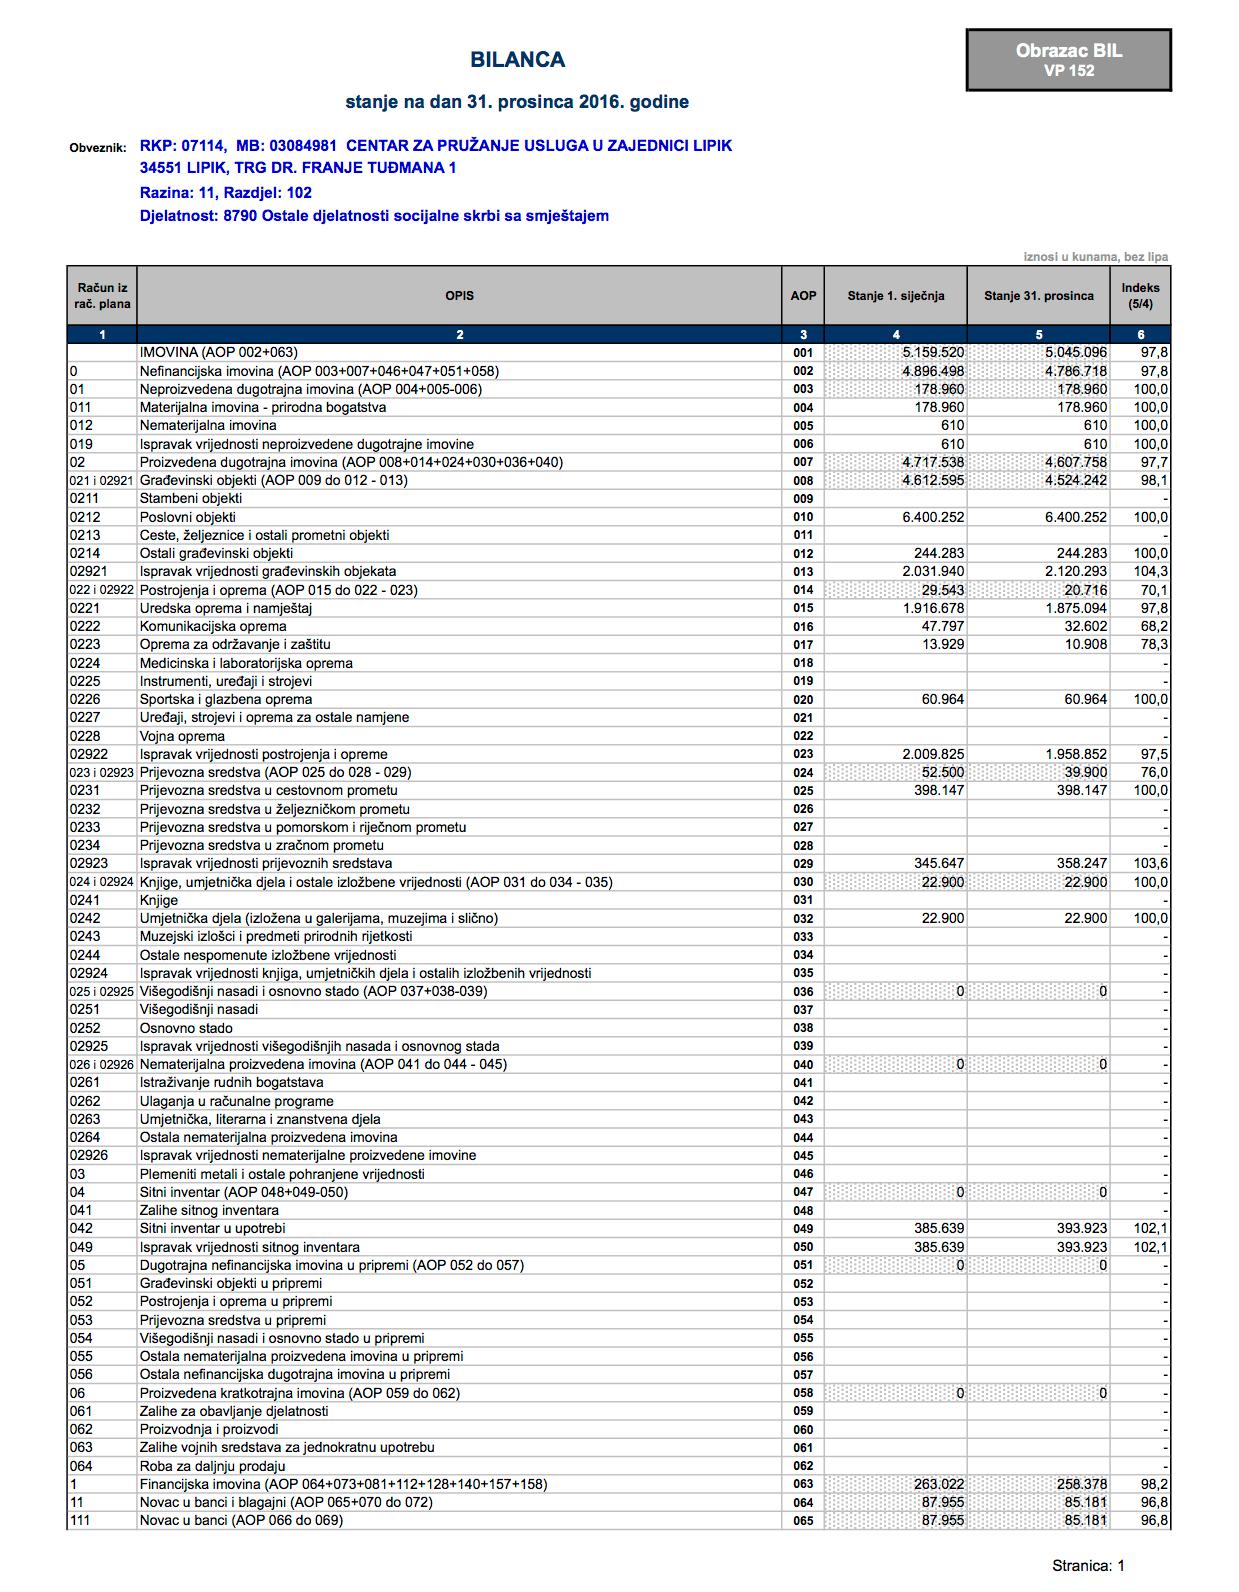 bilanca-2016-1